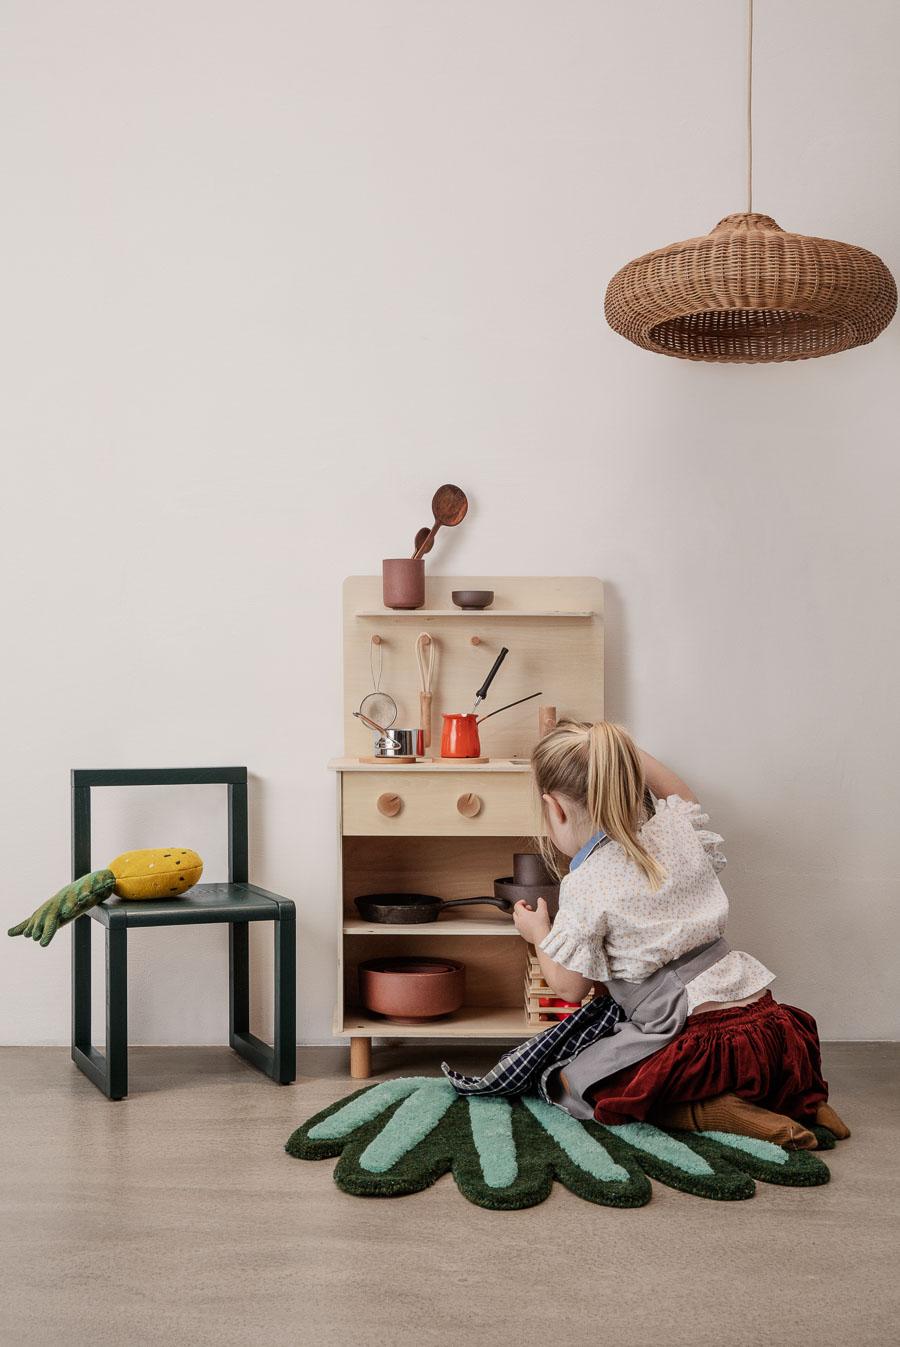 Kinderzimmer einrichten mit der wunderschönen neuen Kollektion von Ferm Living 2019 #kinderzimmer #kidsroom #fermliving